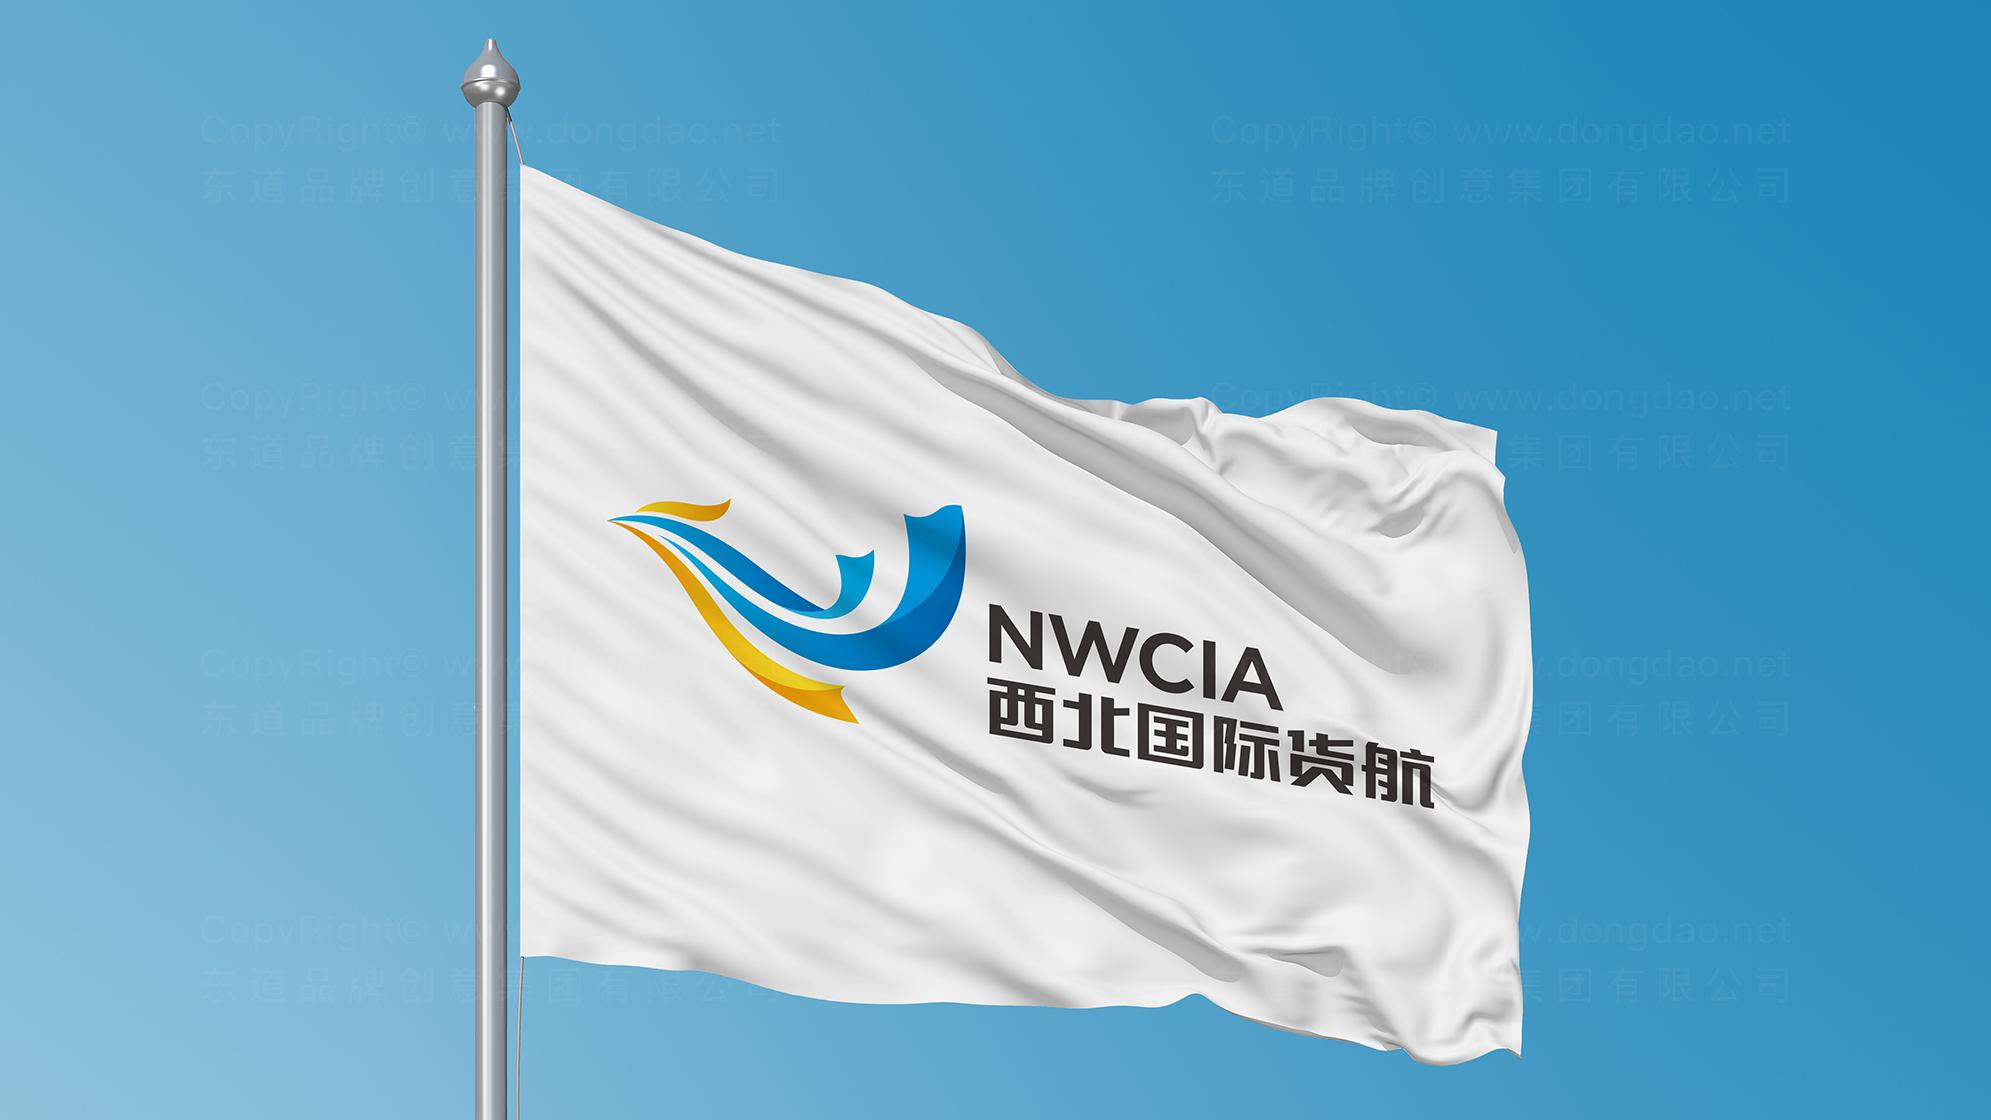 品牌设计西北国际货运航空LOGO&VI设计应用场景_2